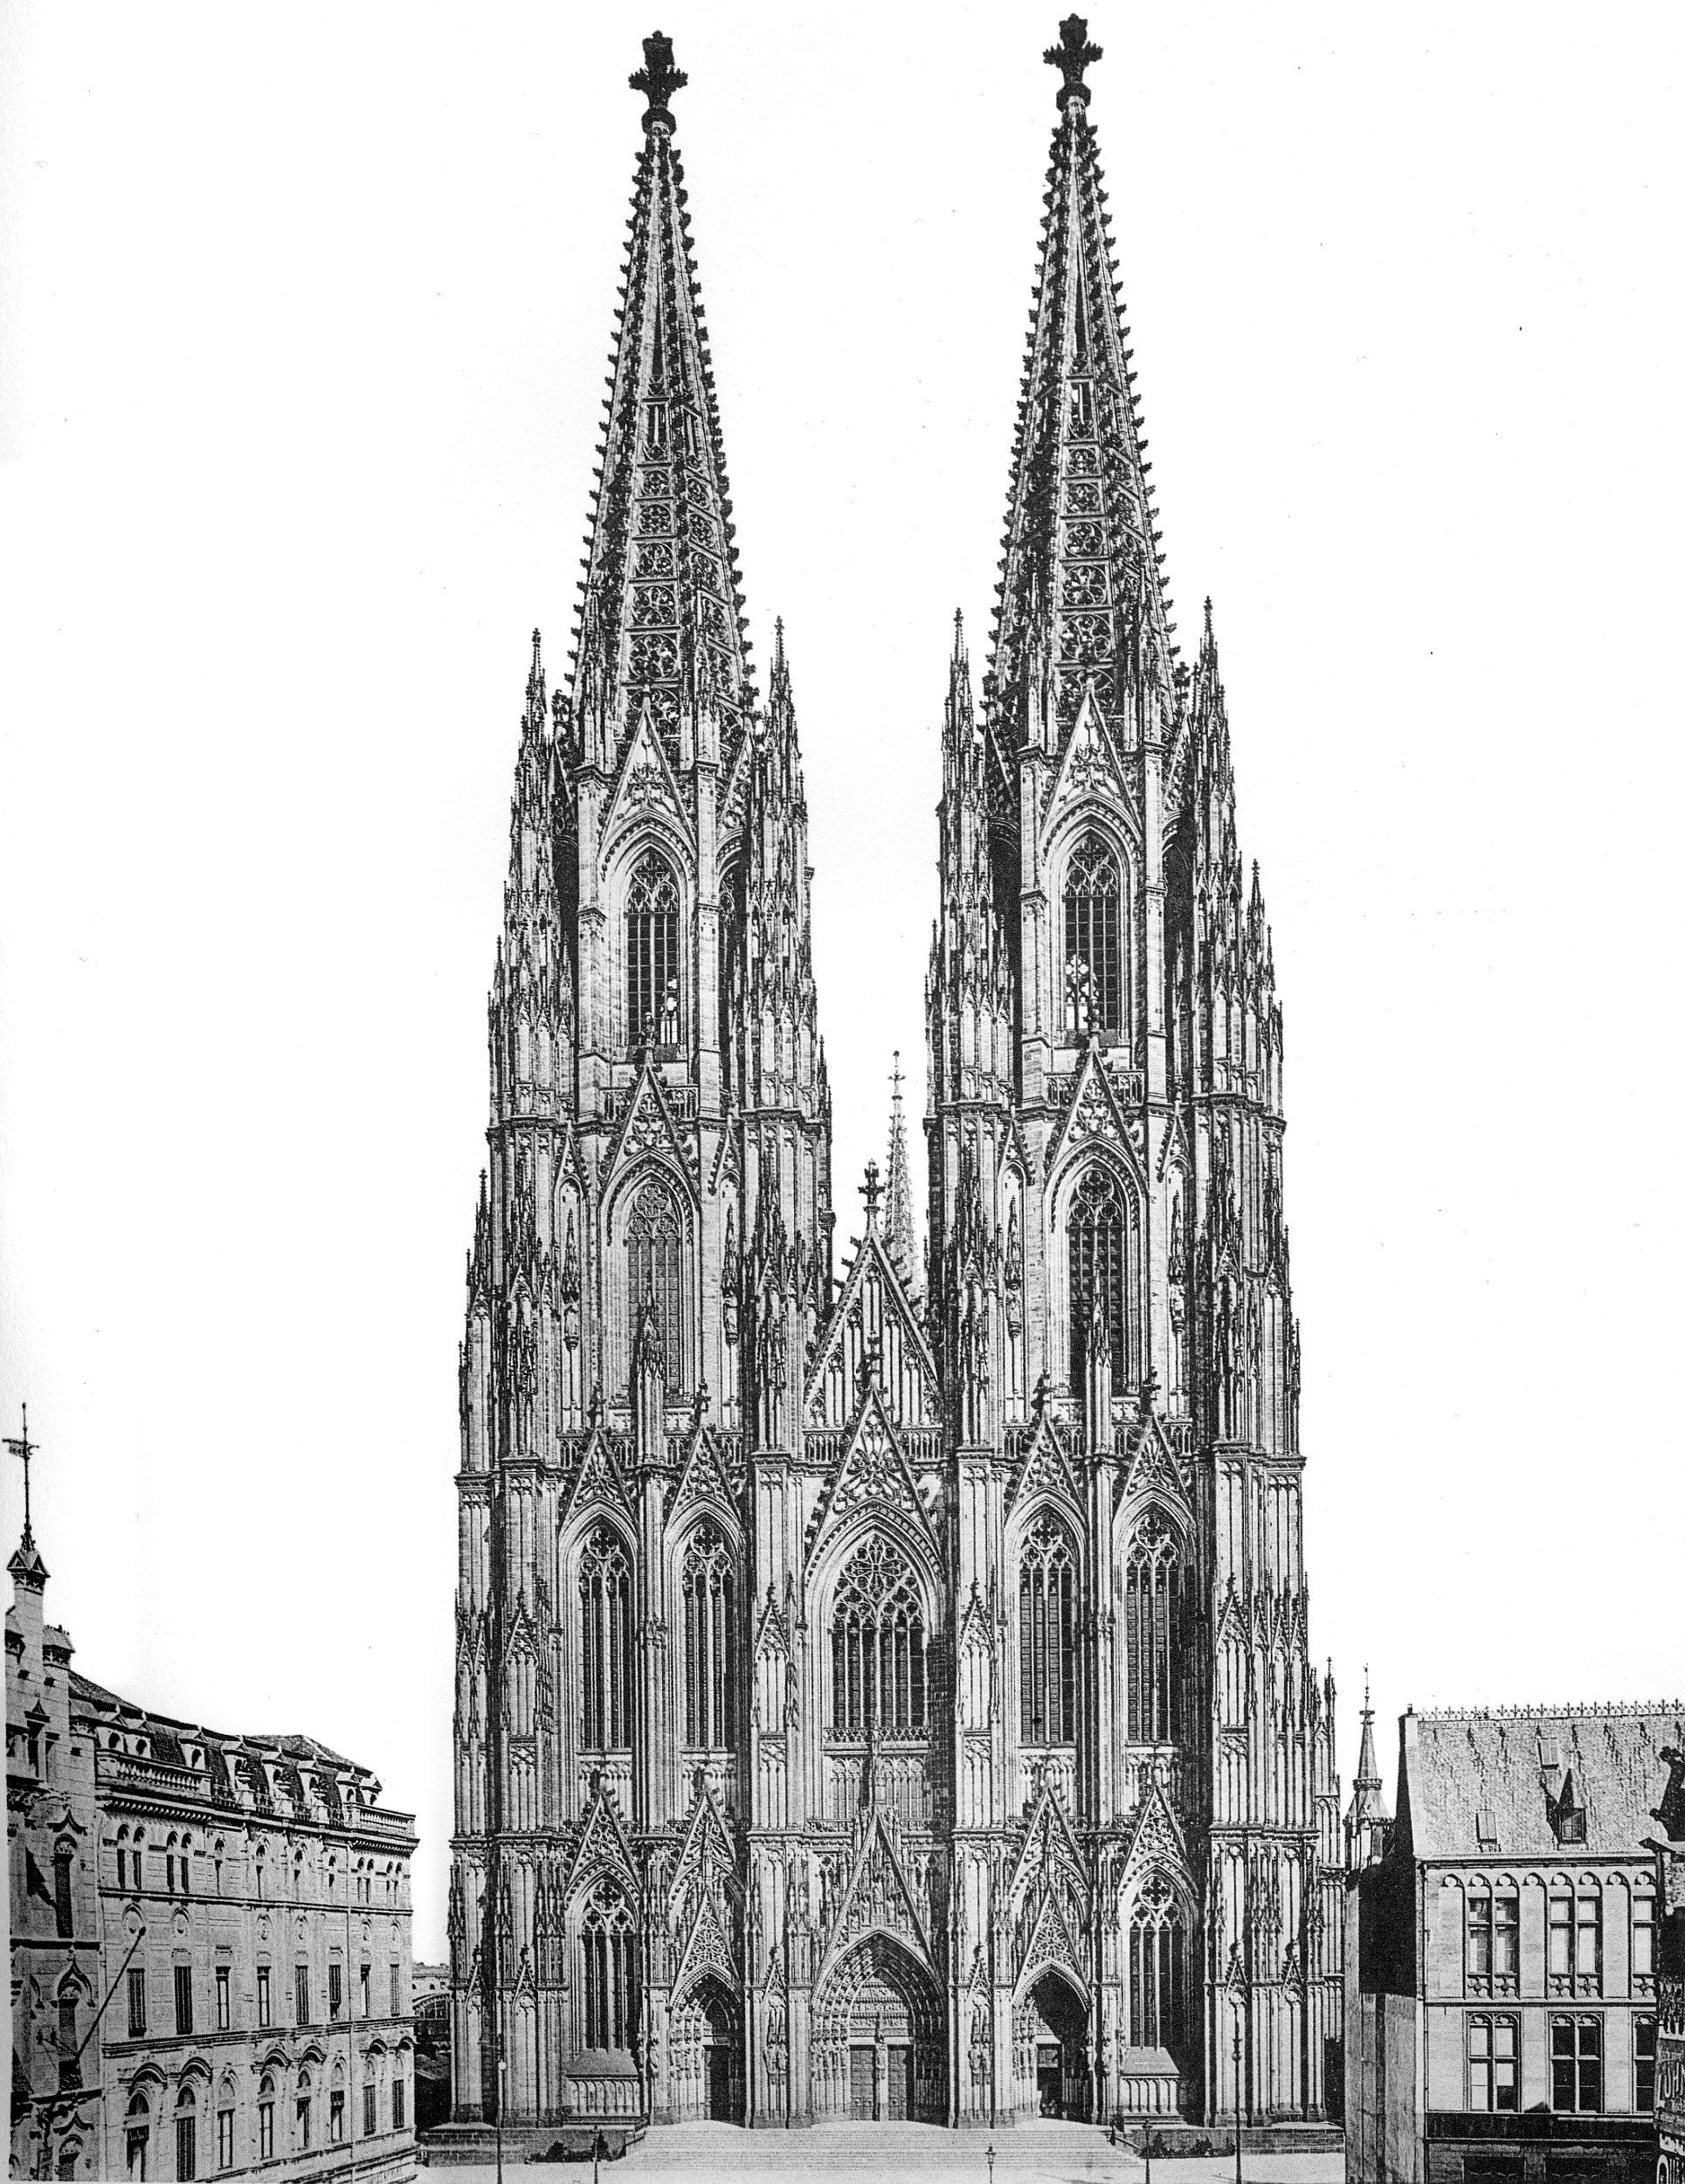 Hasak - Der Dom zu Köln - Bild 02 Westseite.jpg